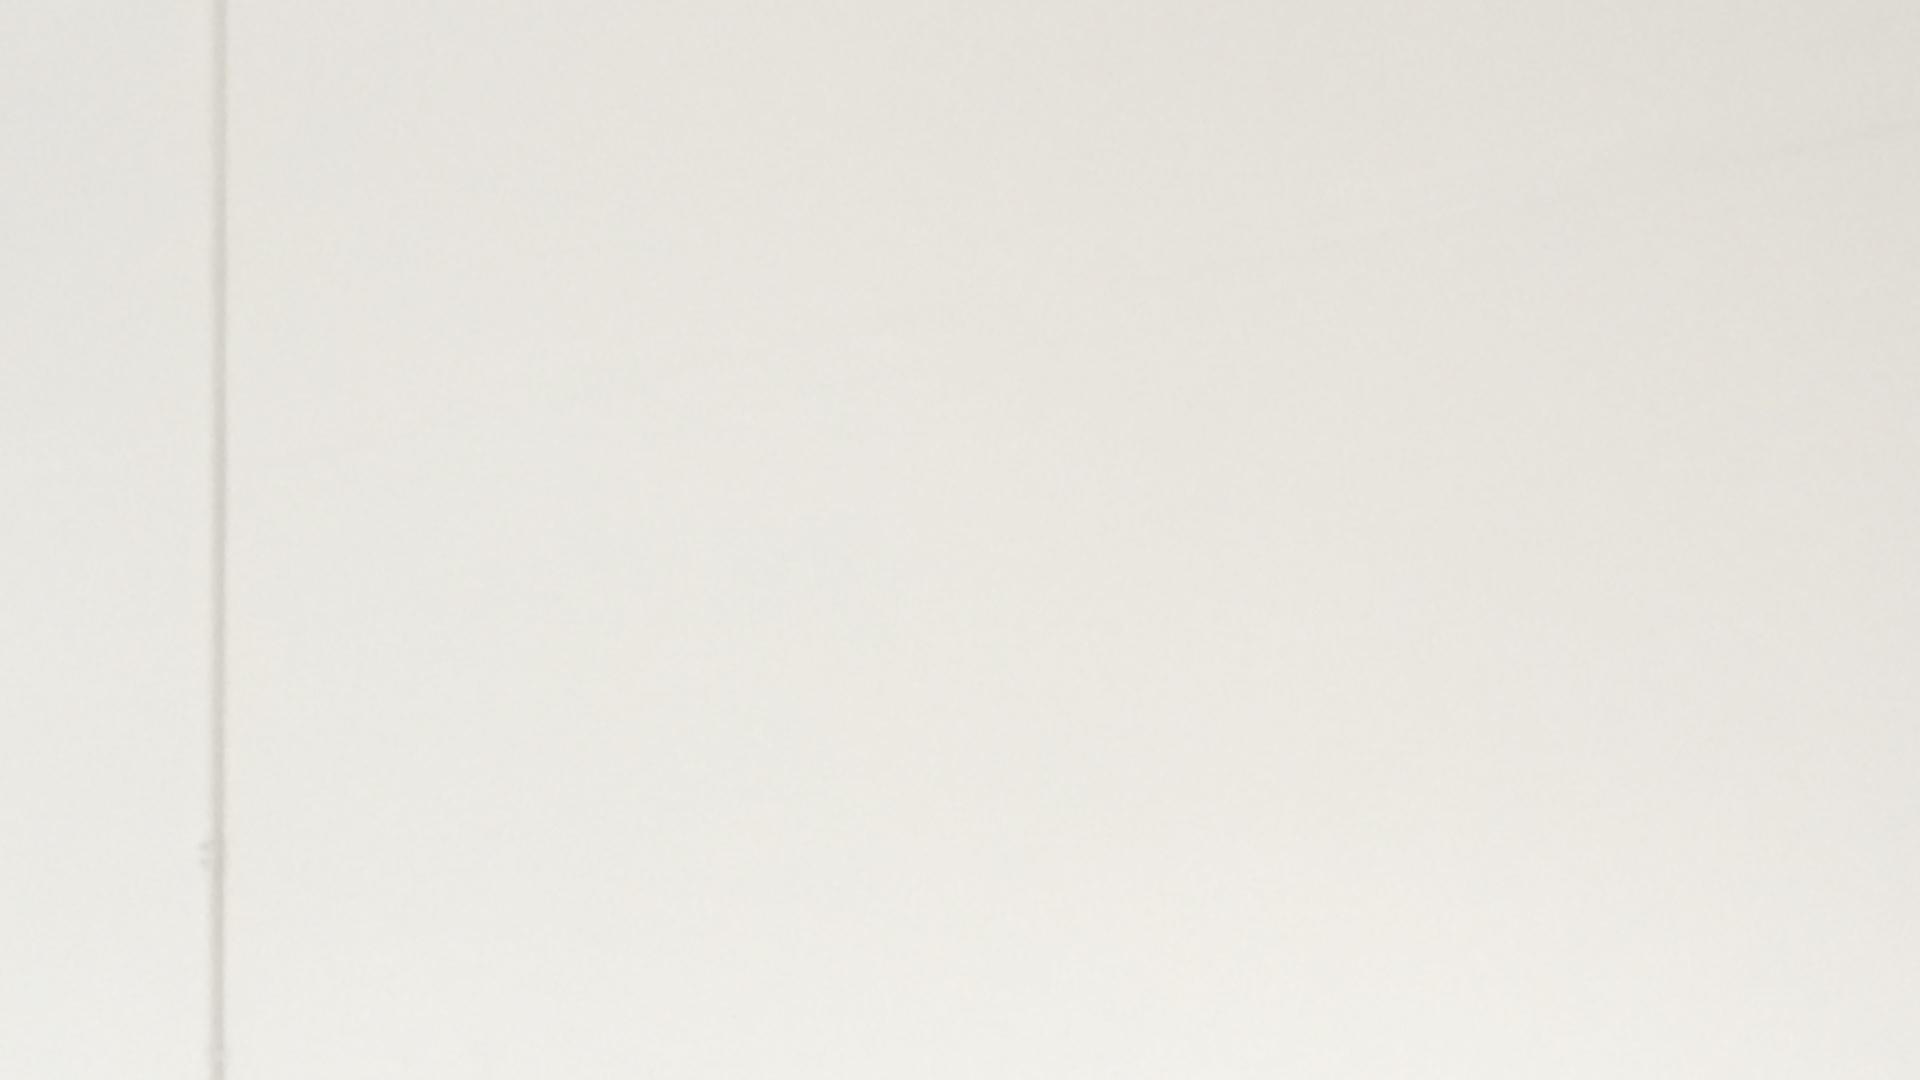 白い壁と細いラインの無料バーチャル背景素材